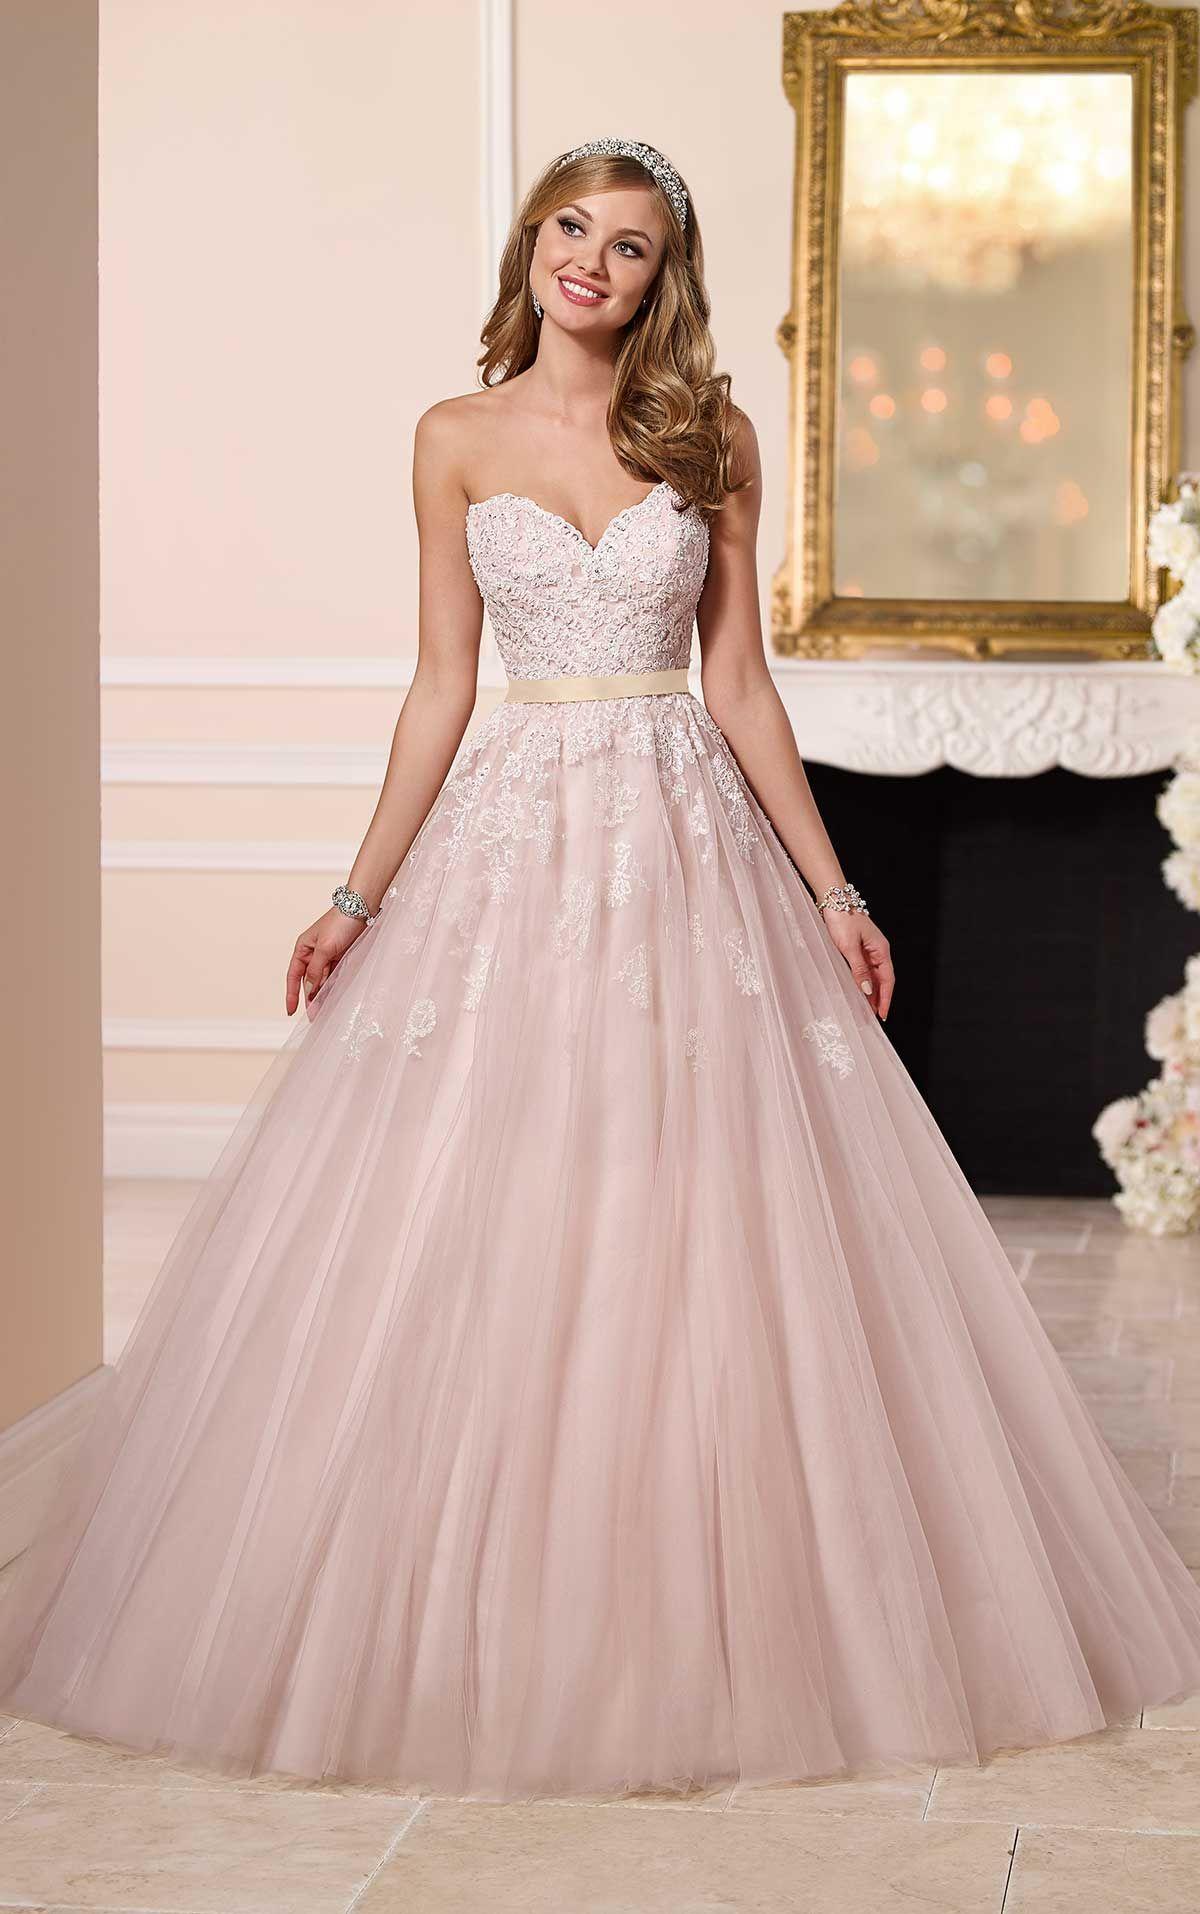 Tulle And Lace Princess Wedding Dress Stella York Hochzeitskleider Vintage Hochzeitskl In 2020 Blush Pink Wedding Dress Ball Gowns Wedding Wedding Dress Chiffon [ 1914 x 1200 Pixel ]